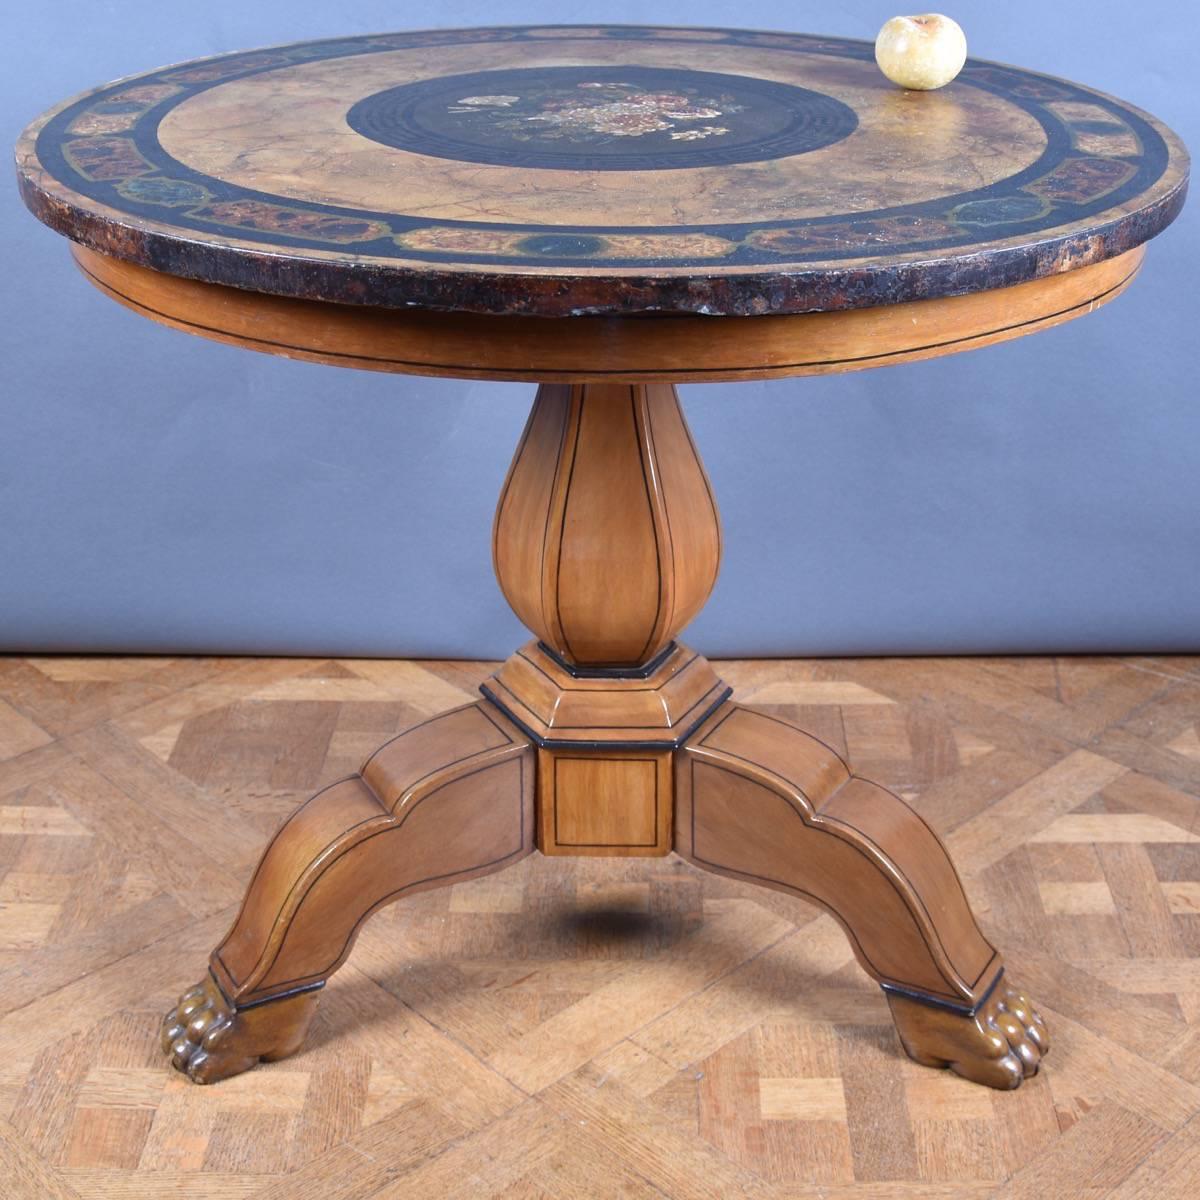 Charmant Italian Table With Scagliola Top | De Grande Antique Italian Furniture